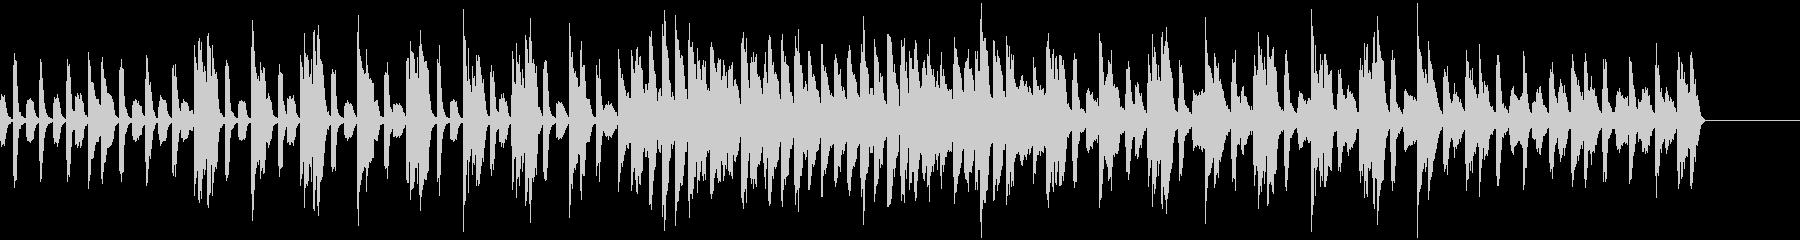 ほのぼのした子供をイメージしたBGMの未再生の波形